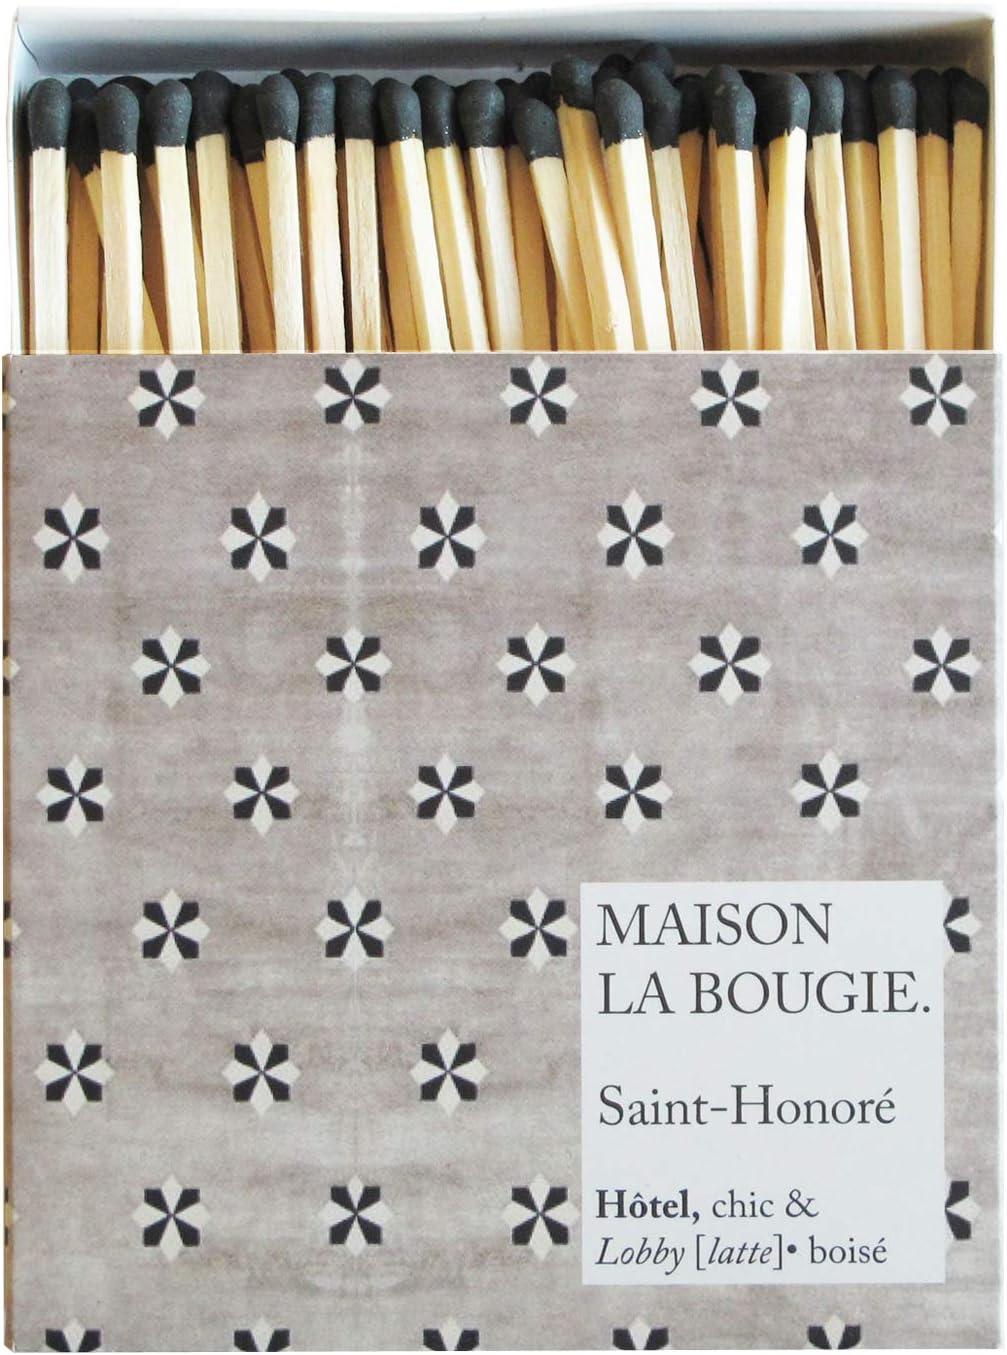 125 pcs Maison La Bougie Matches Saint Honore